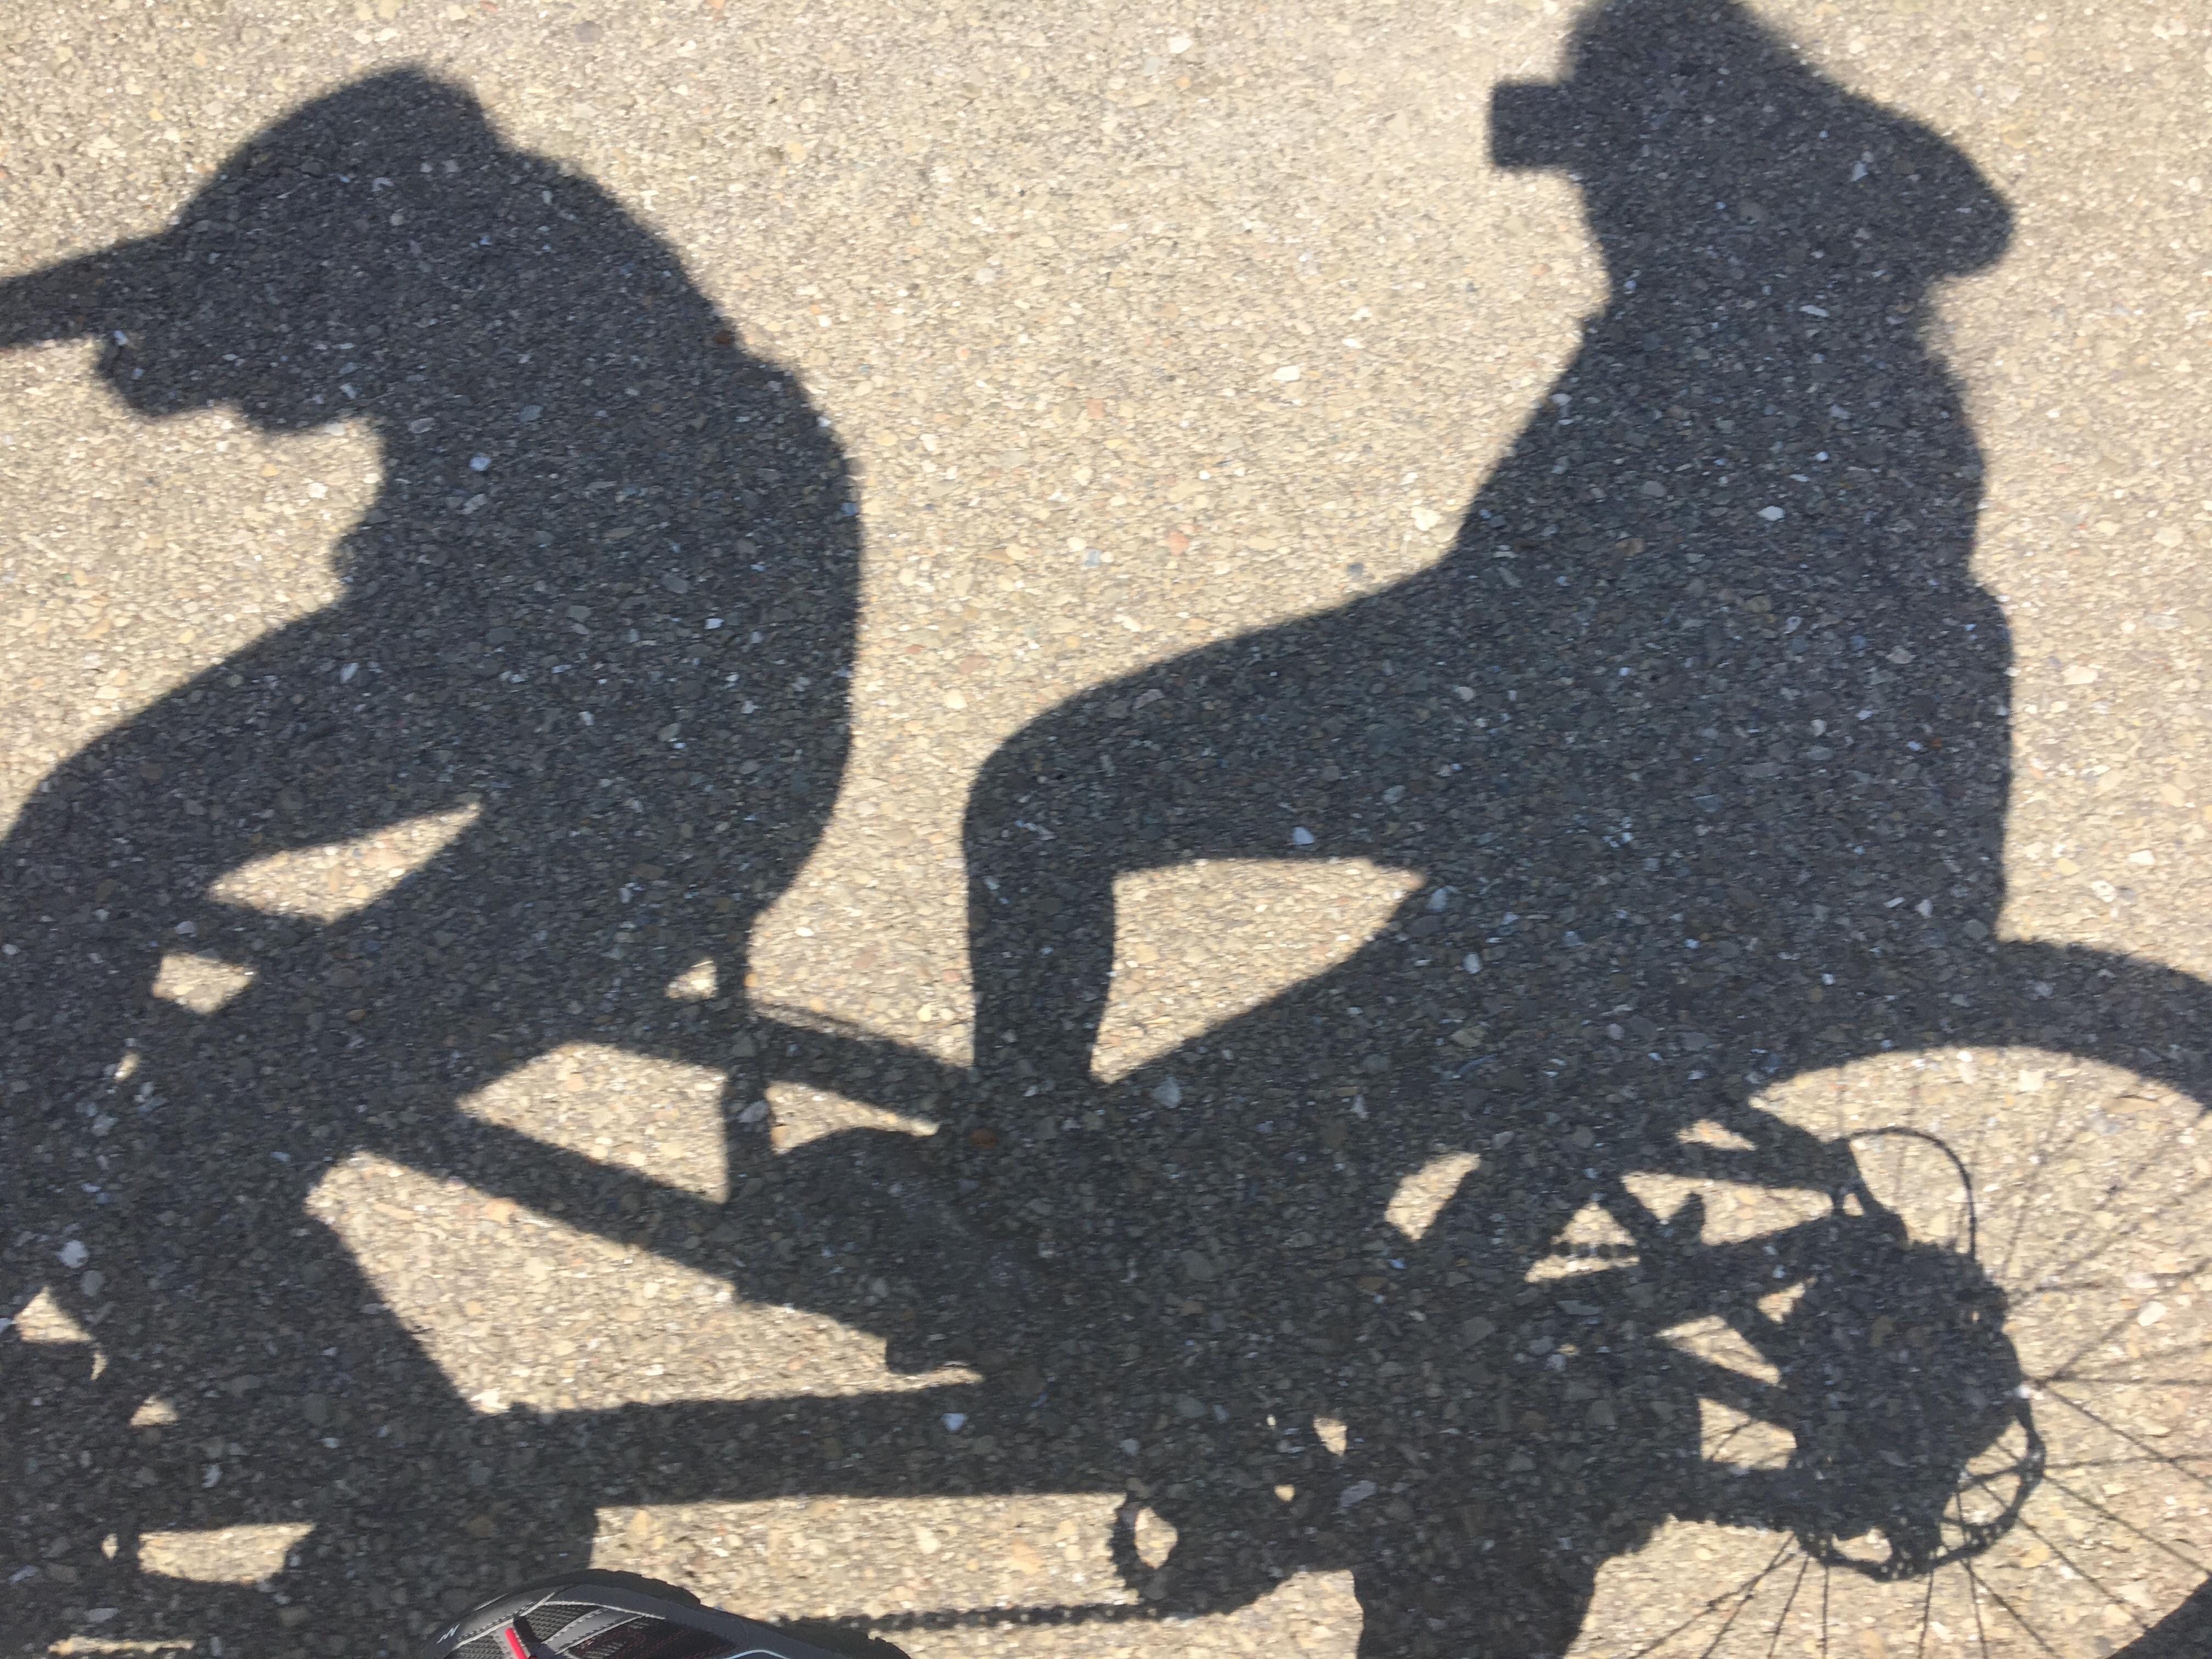 ciclism pentru vedere marca este totul despre viziune